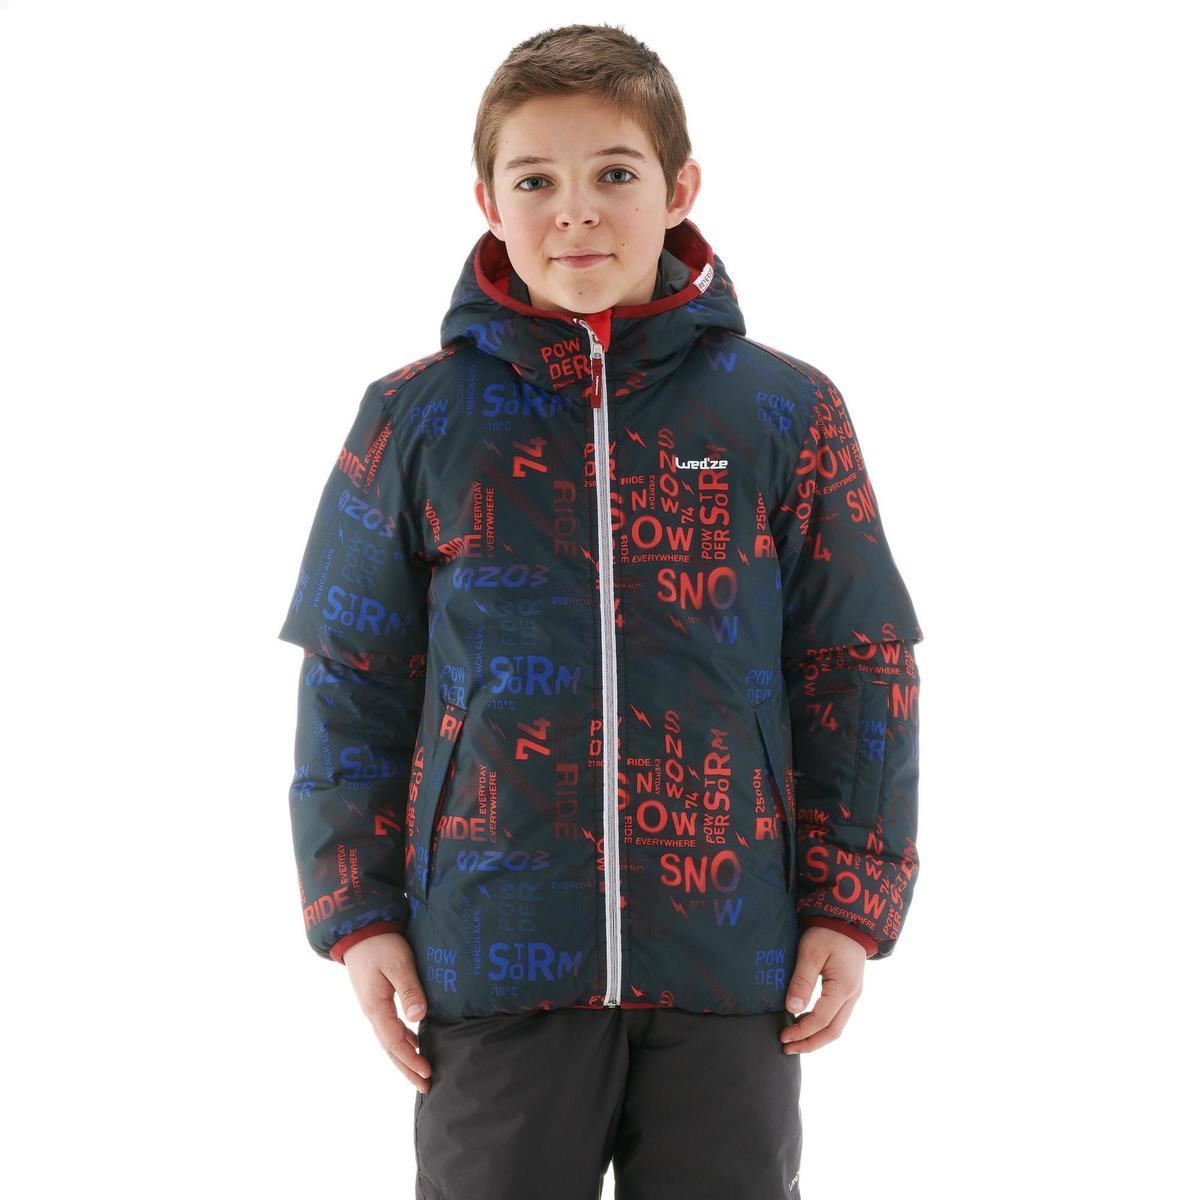 Bild 4 von Skijacke Piste 100 warm wendbar Kinder schwarz